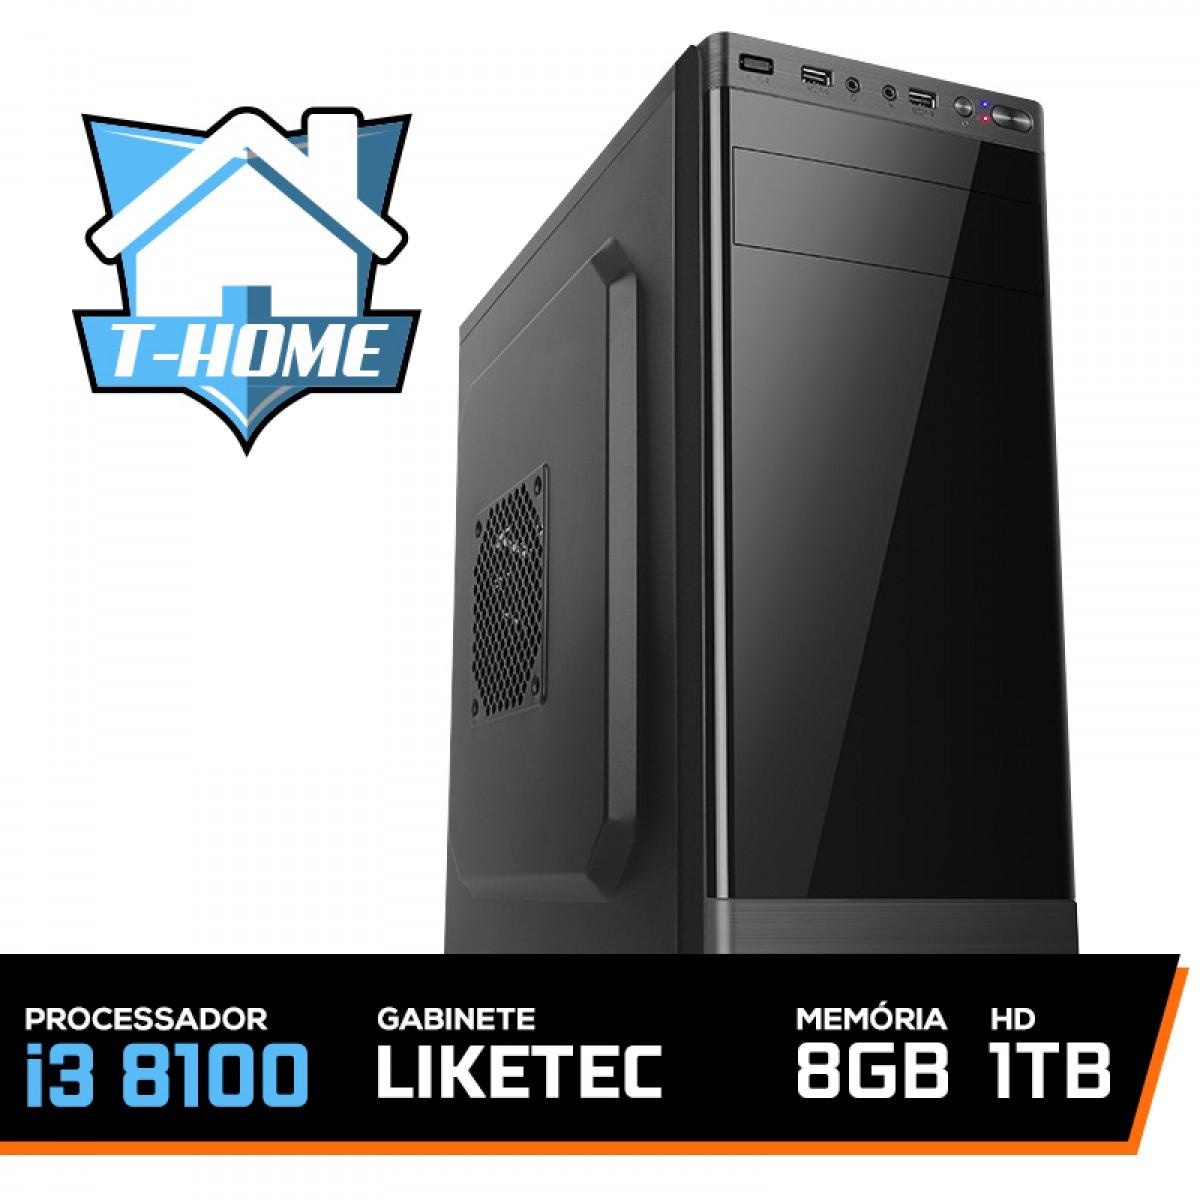 Computador T-home Intel I3 8100/ 8gb Ddr4 / Hd 1tb